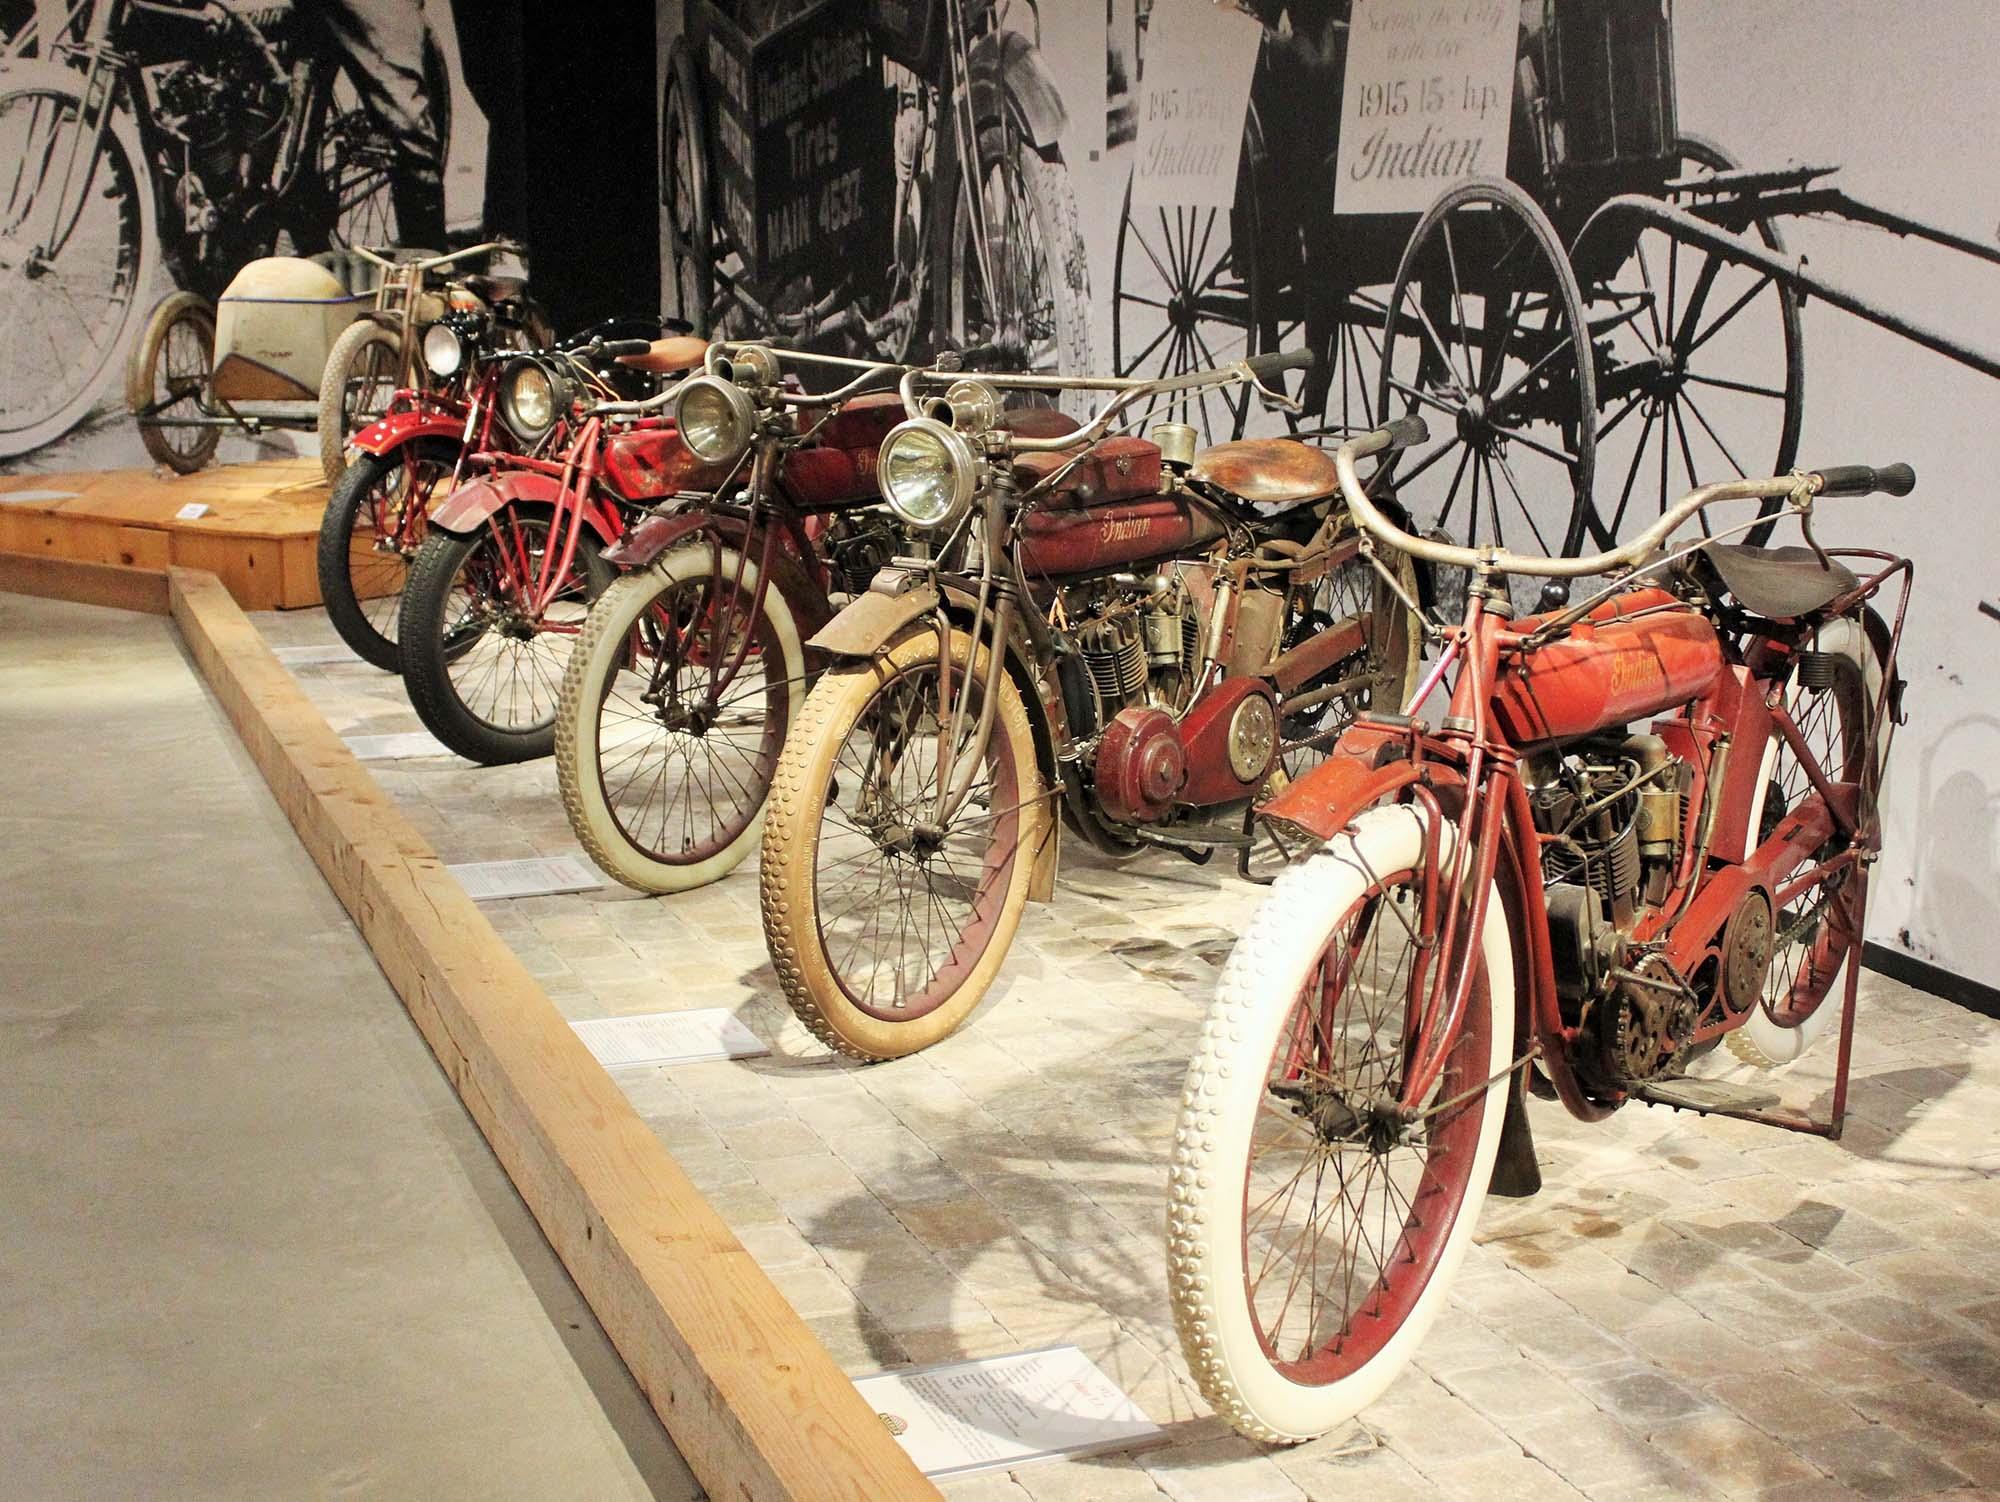 Barber Vintage Motorsports : At the Barber Vintage Motorsports Museum